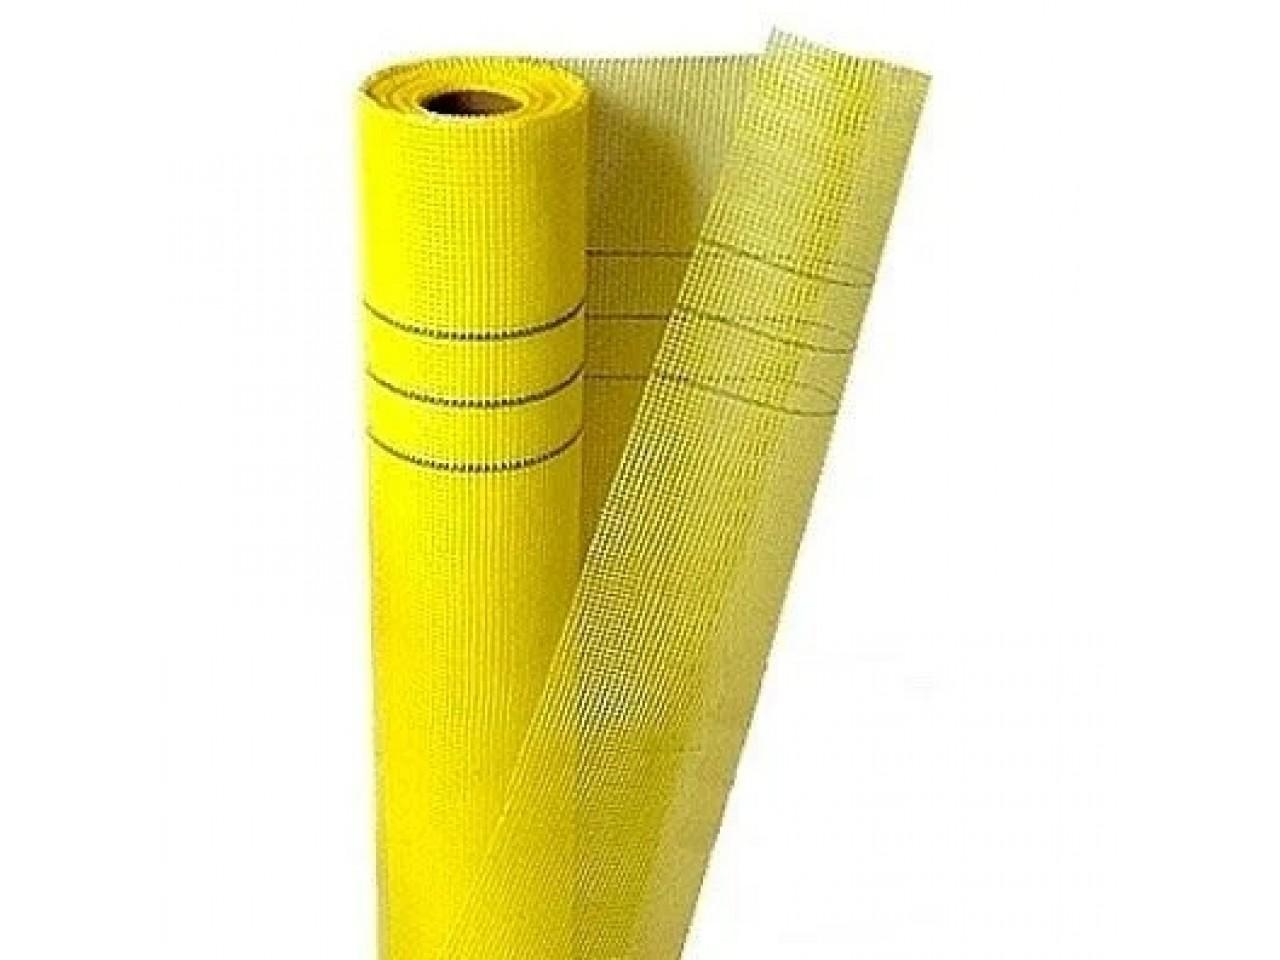 Сетка штукатурная фасадная .6*5мм (50м.кв 160гр/м2) Fiber mesh